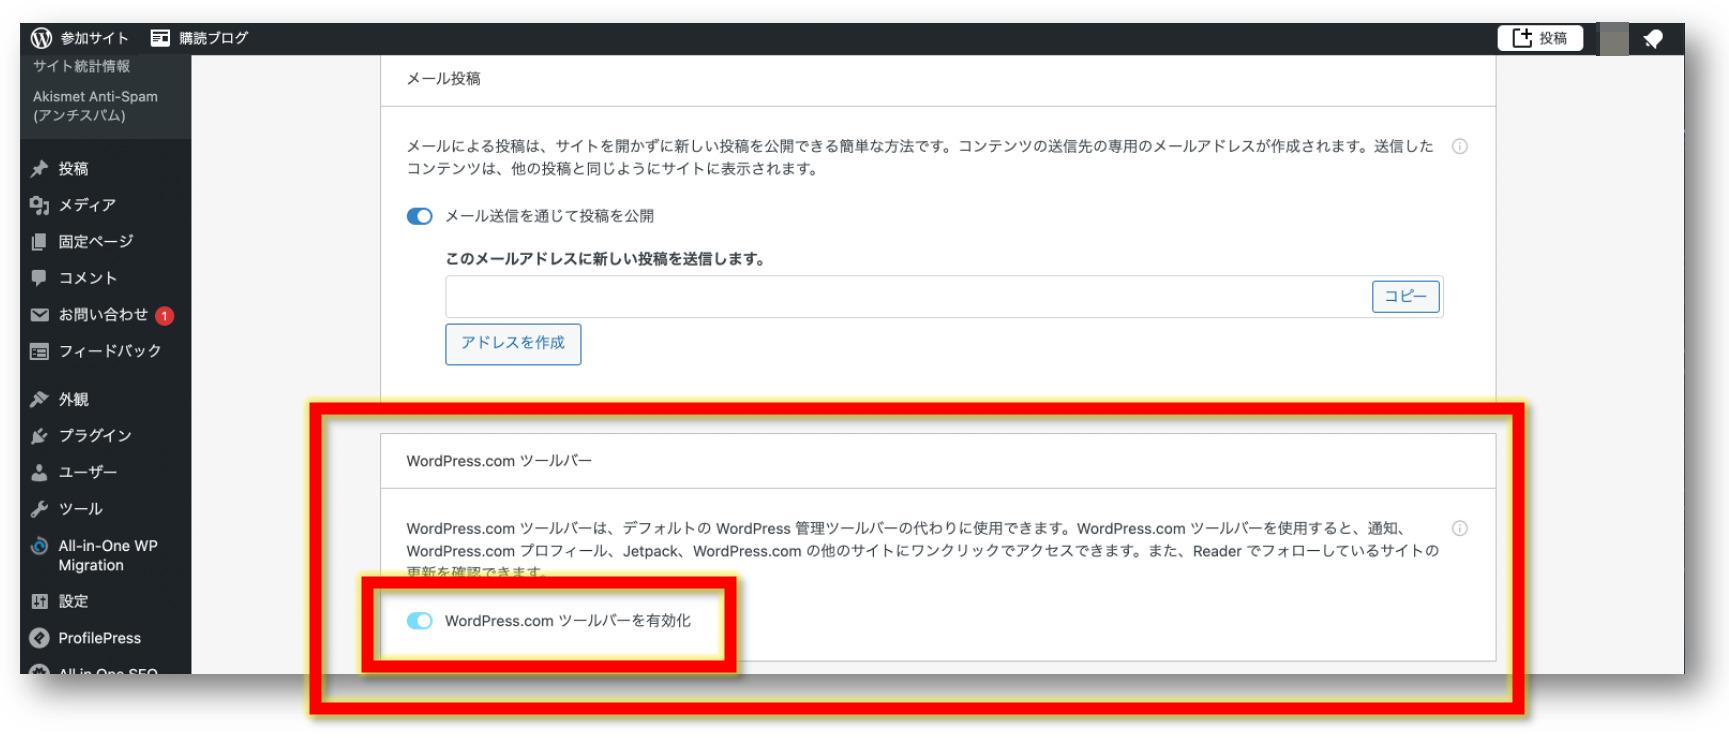 『WordPress.comツールバーを無効化する』のボタンをクリックし、無効化する様子